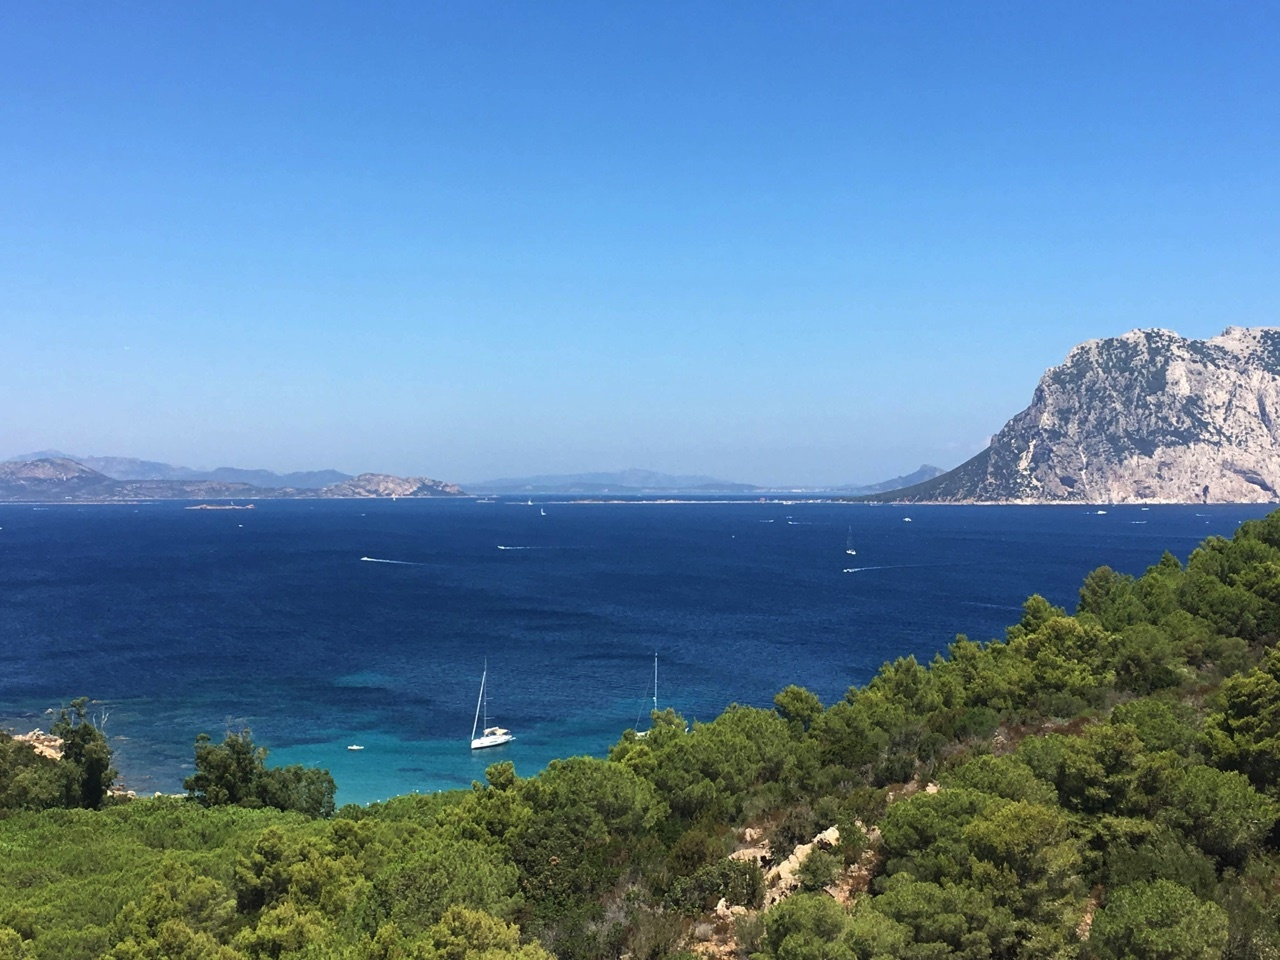 sardaigne paysage mer bateau